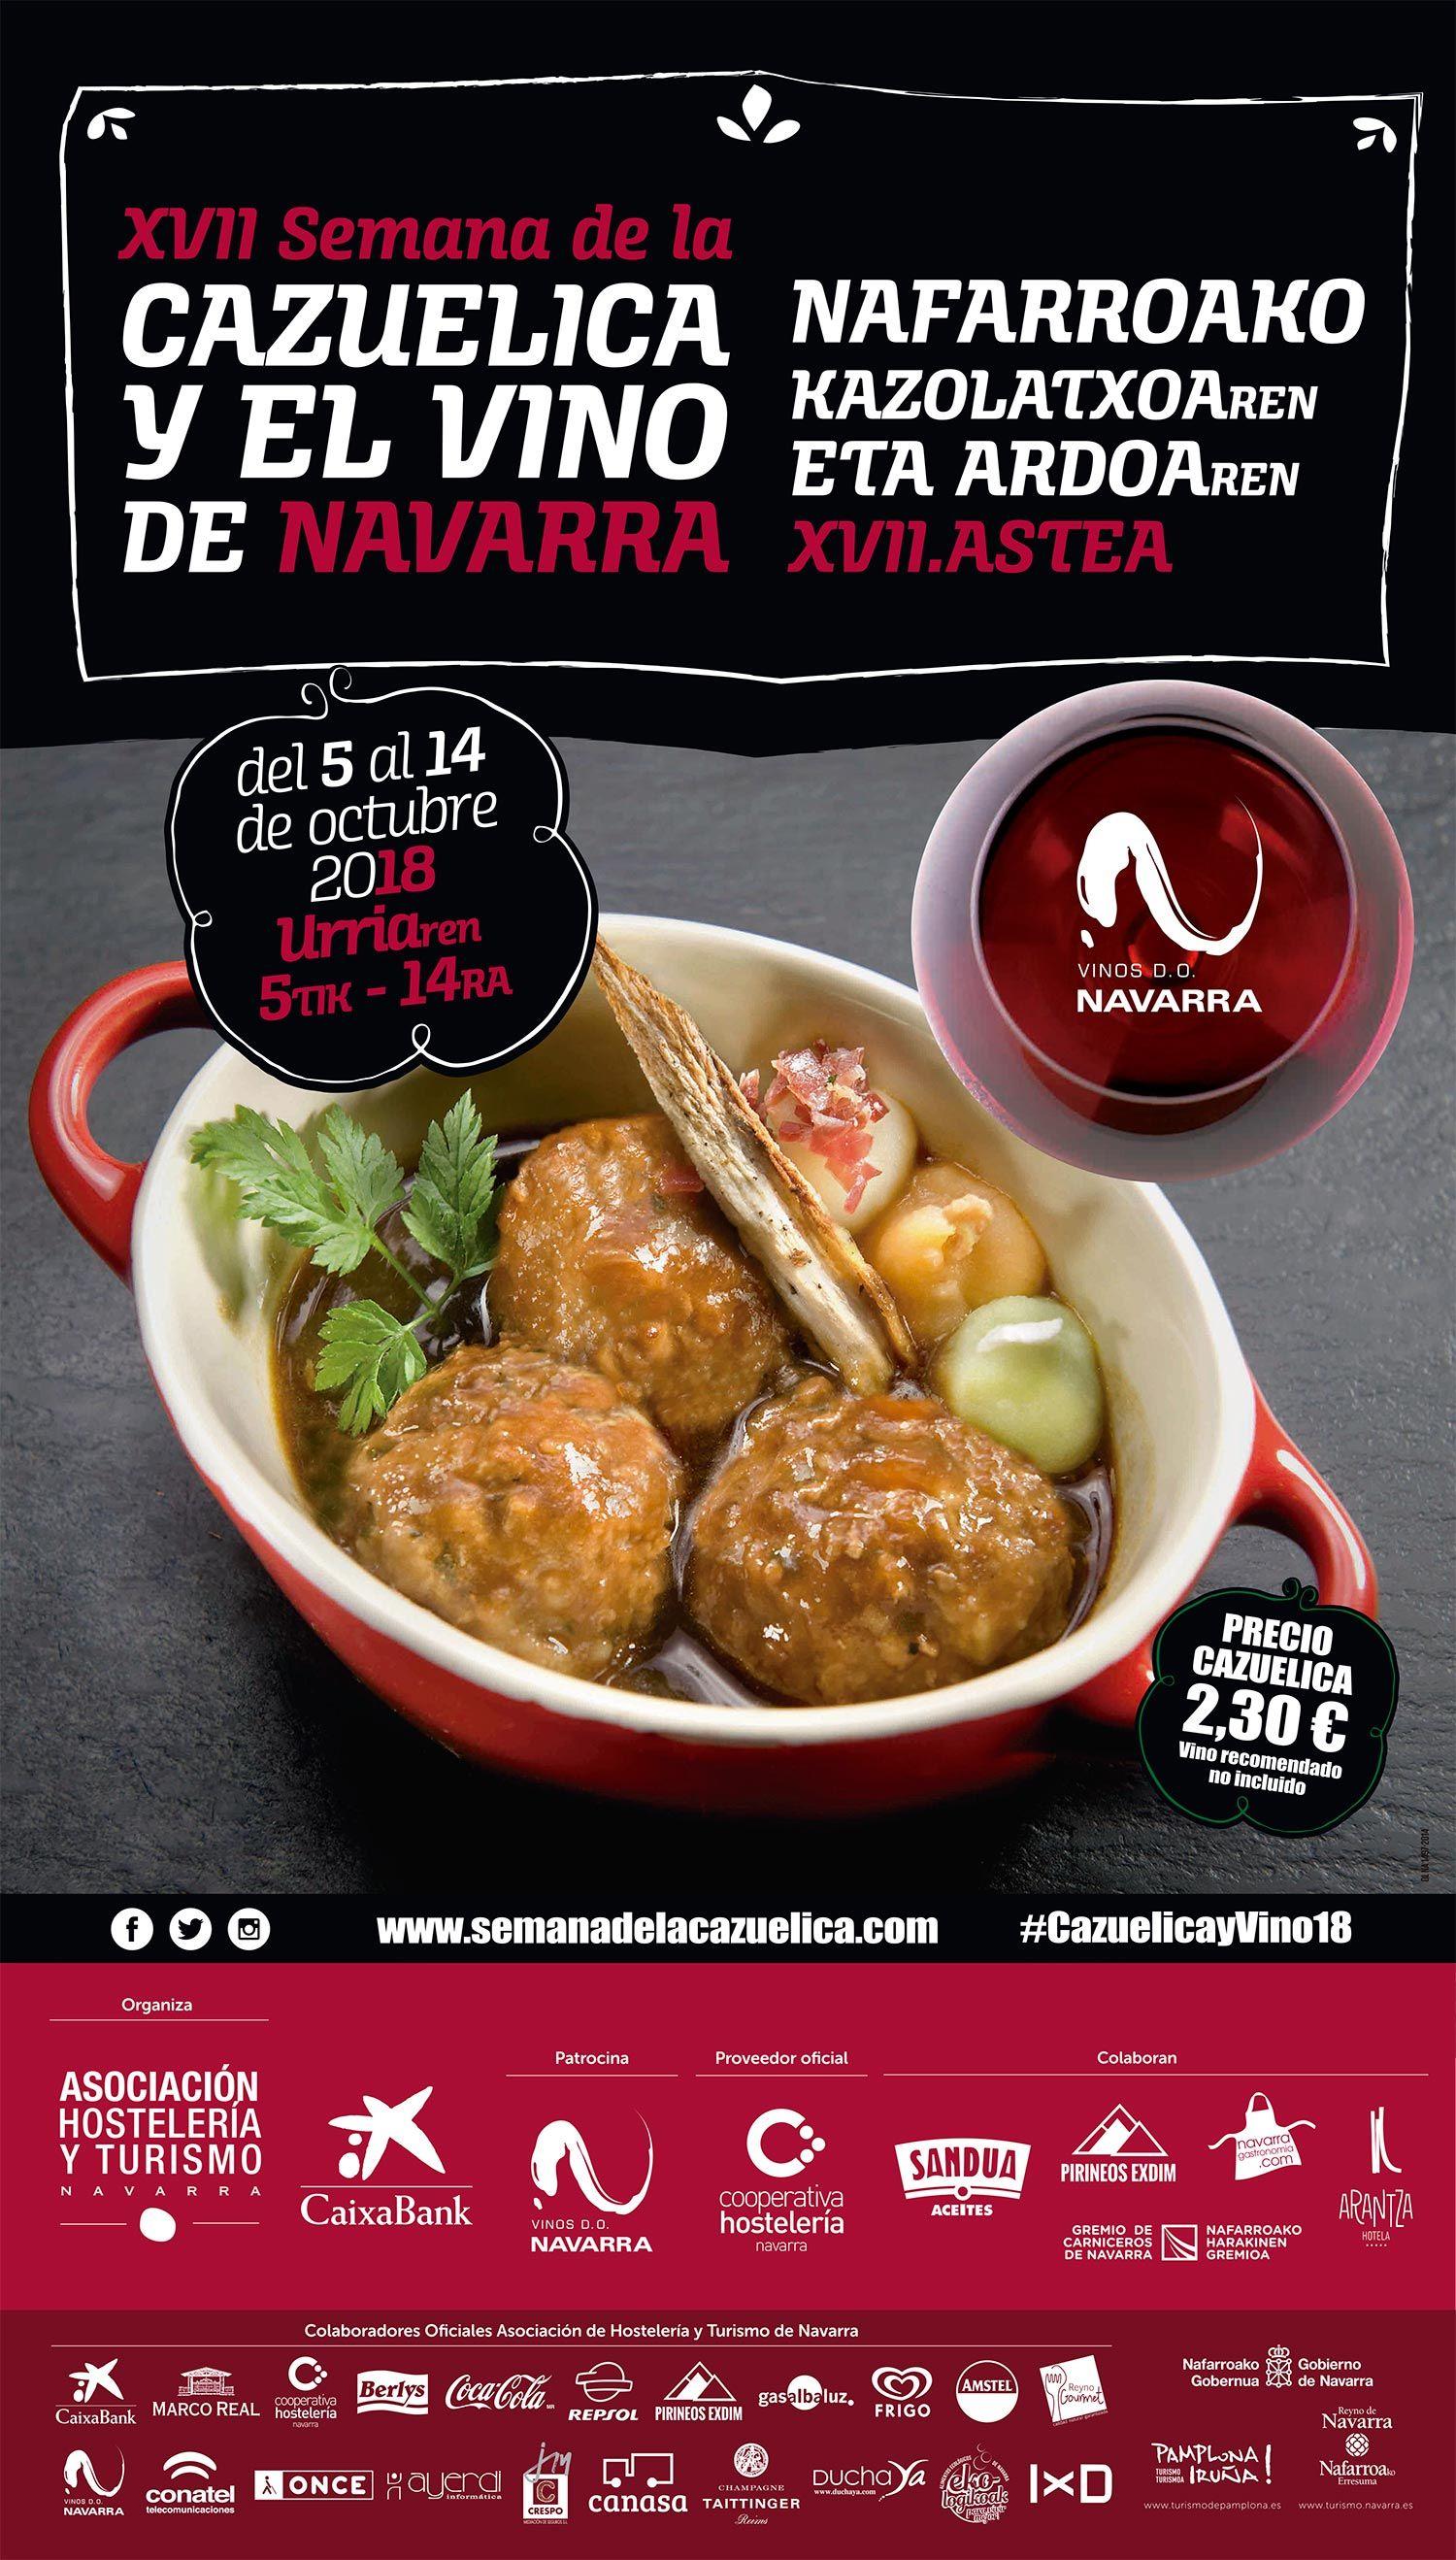 Foto de Semana de la Cazuelica y el Vino de Navarra